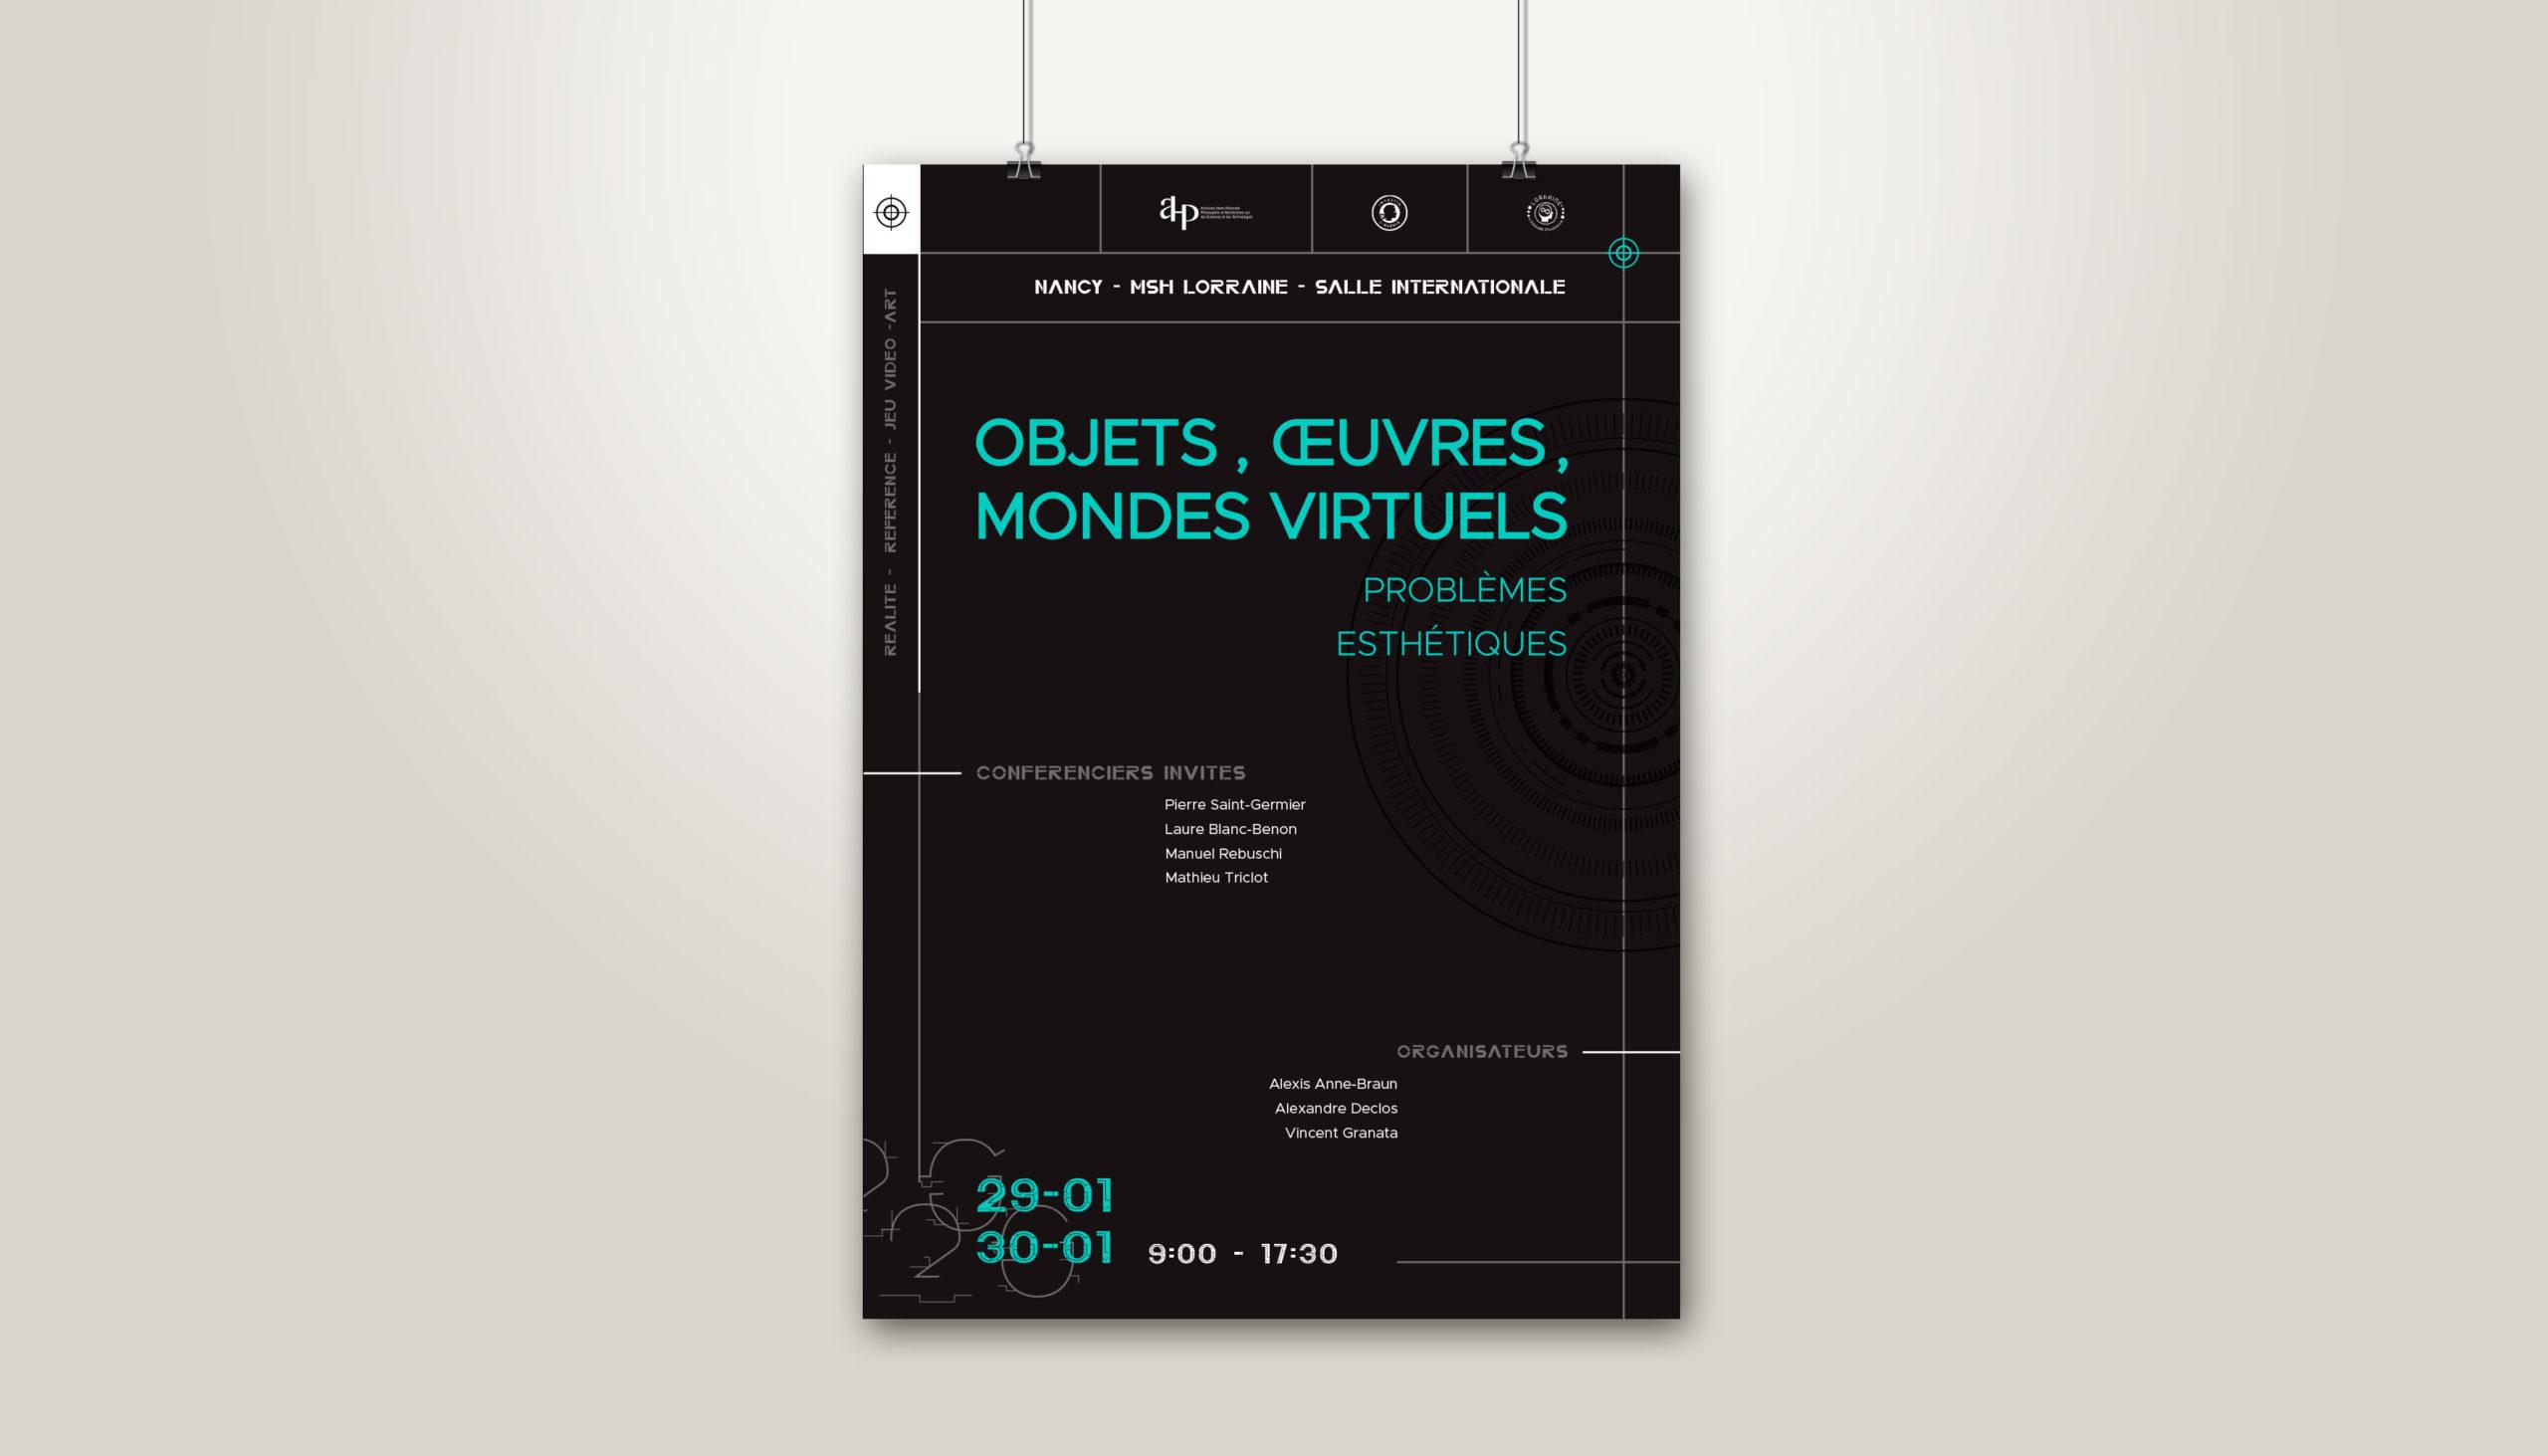 Léa Candat _ Graphiste - Webdesigner _ Nancy _ Projets _ Graphisme _  Affiche _ Mondes virtuels